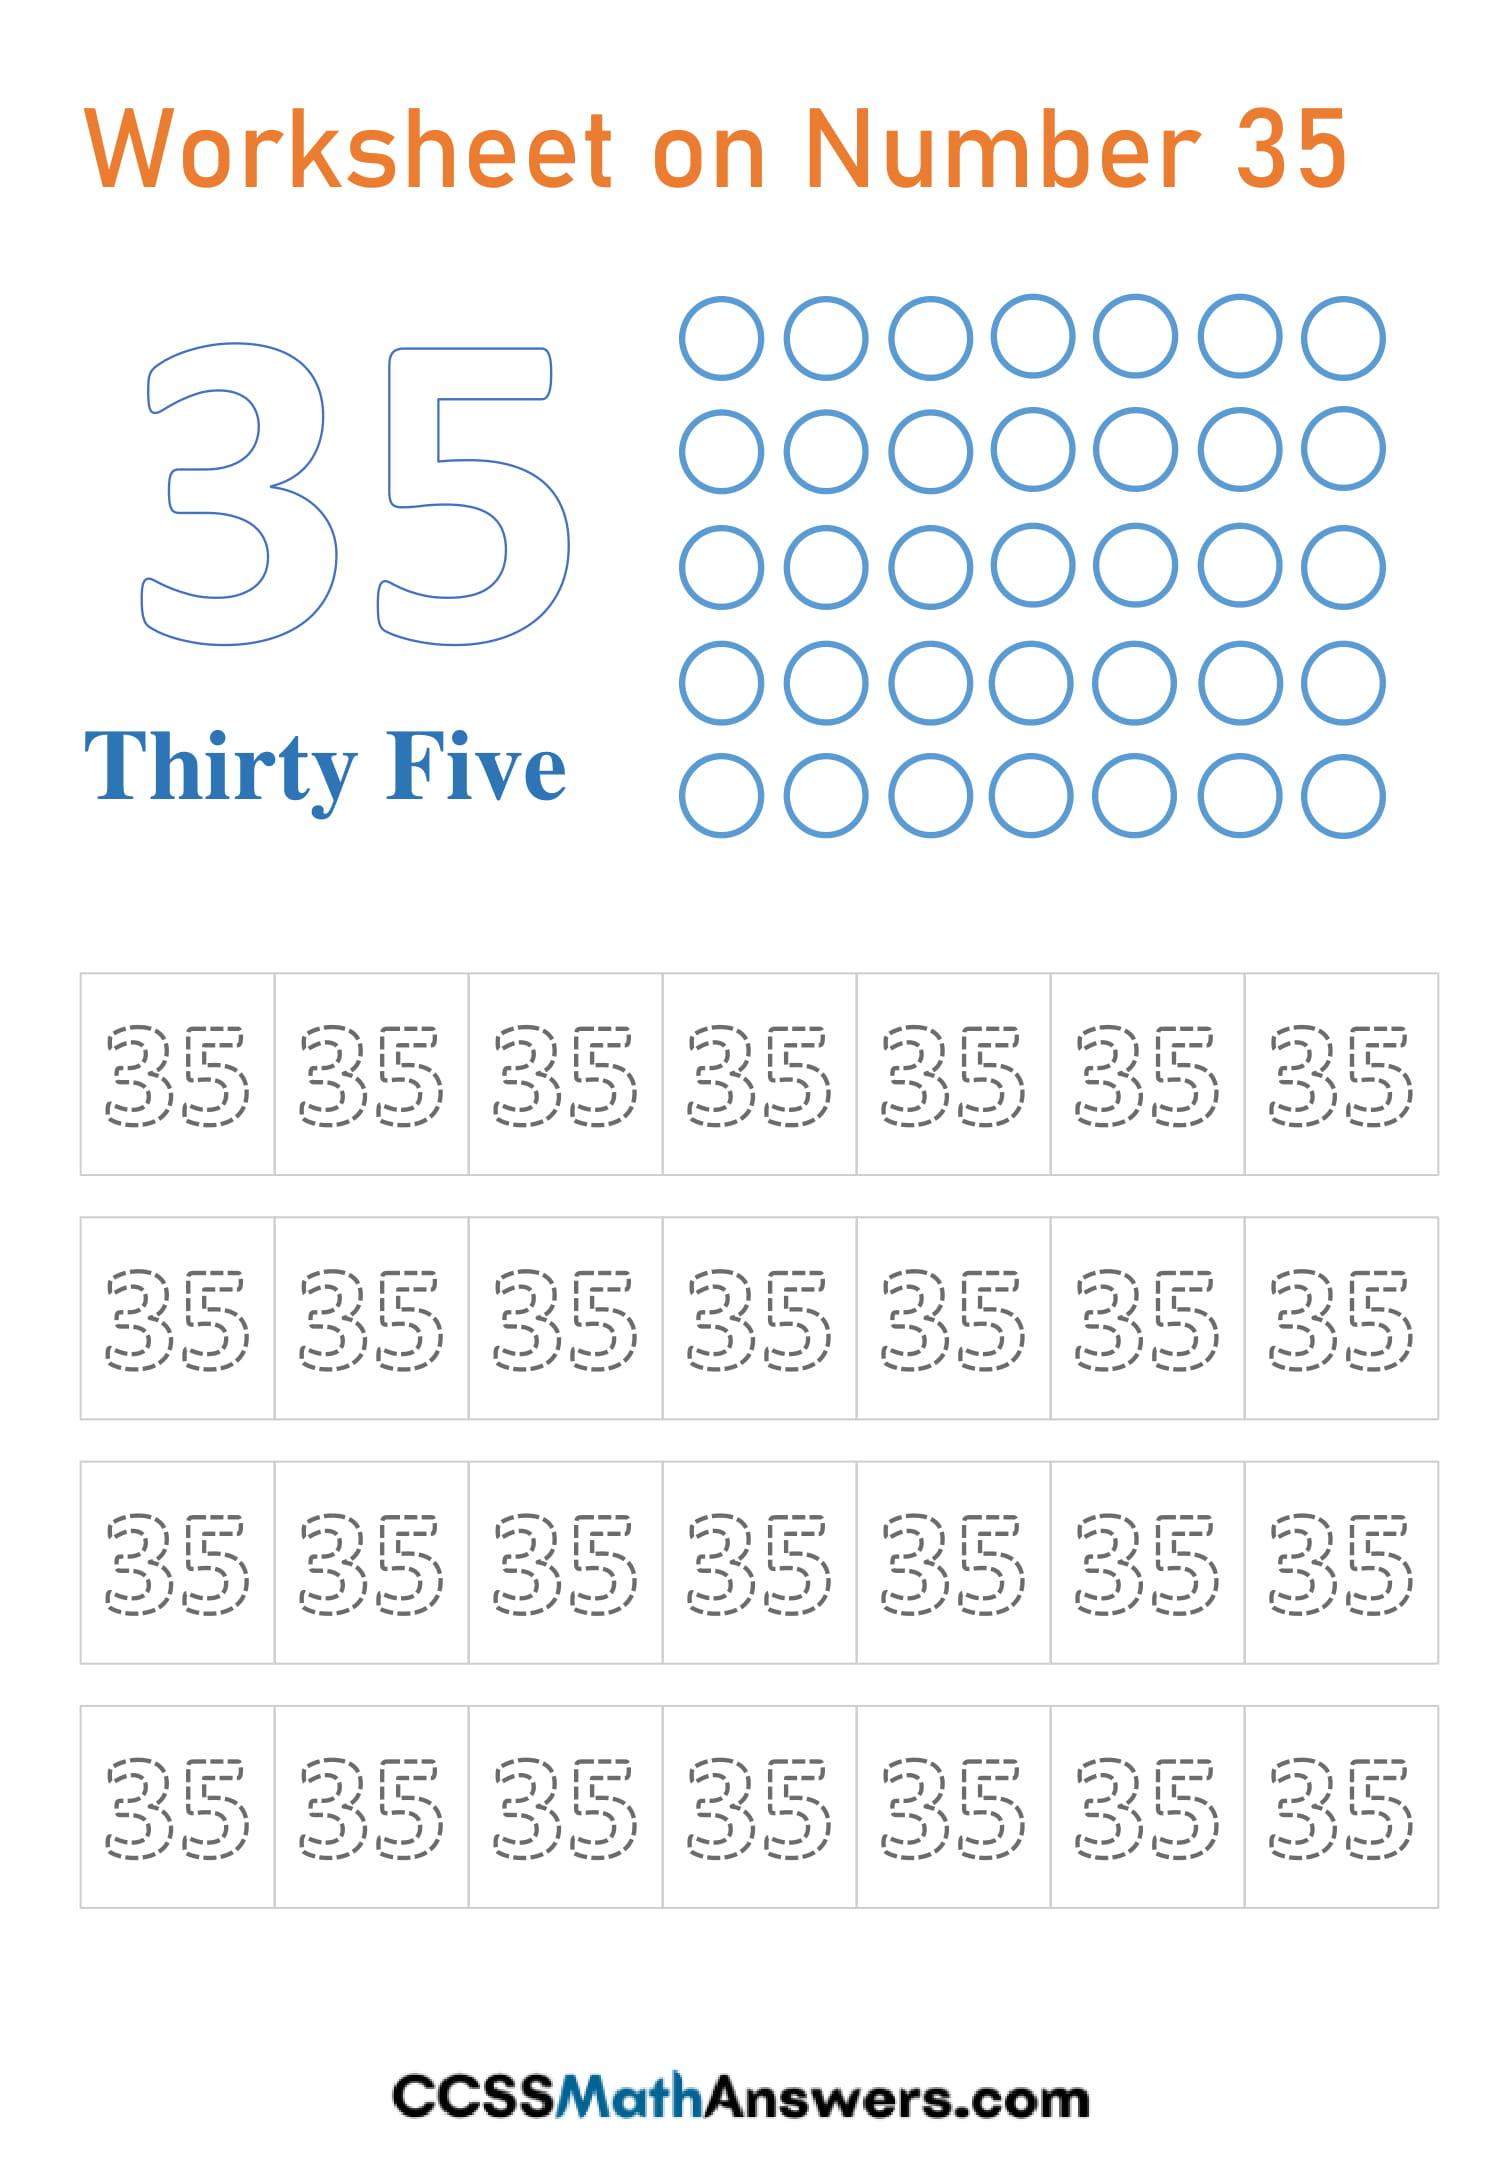 Number 35 Worksheet